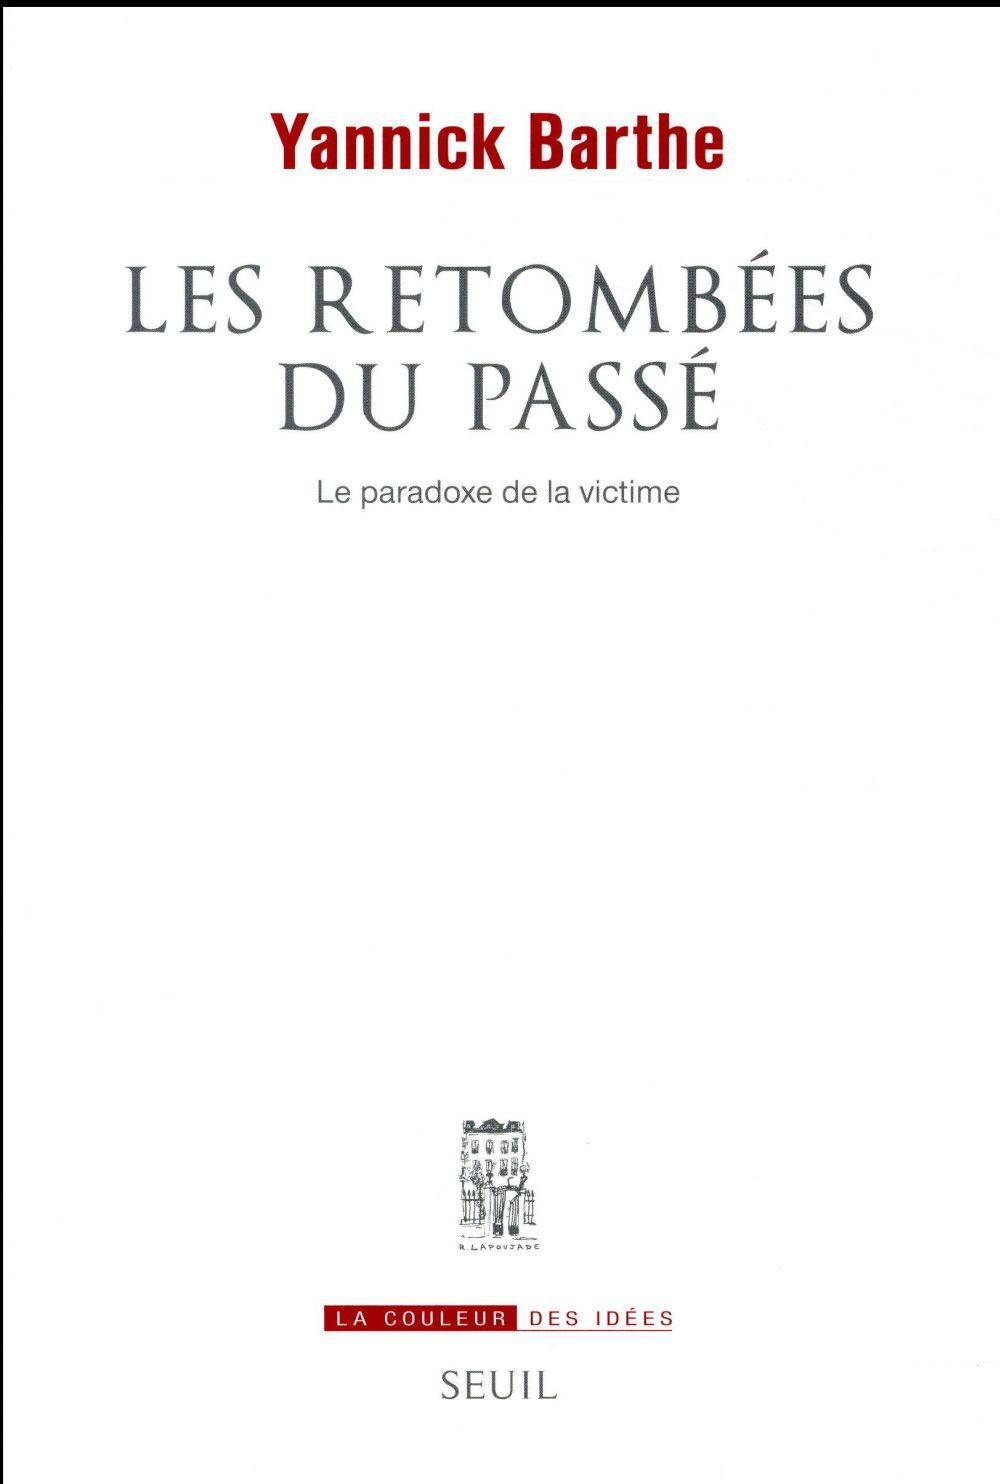 LES RETOMBEES DU PASSE : LE PARADOXE DE LA VICTIME